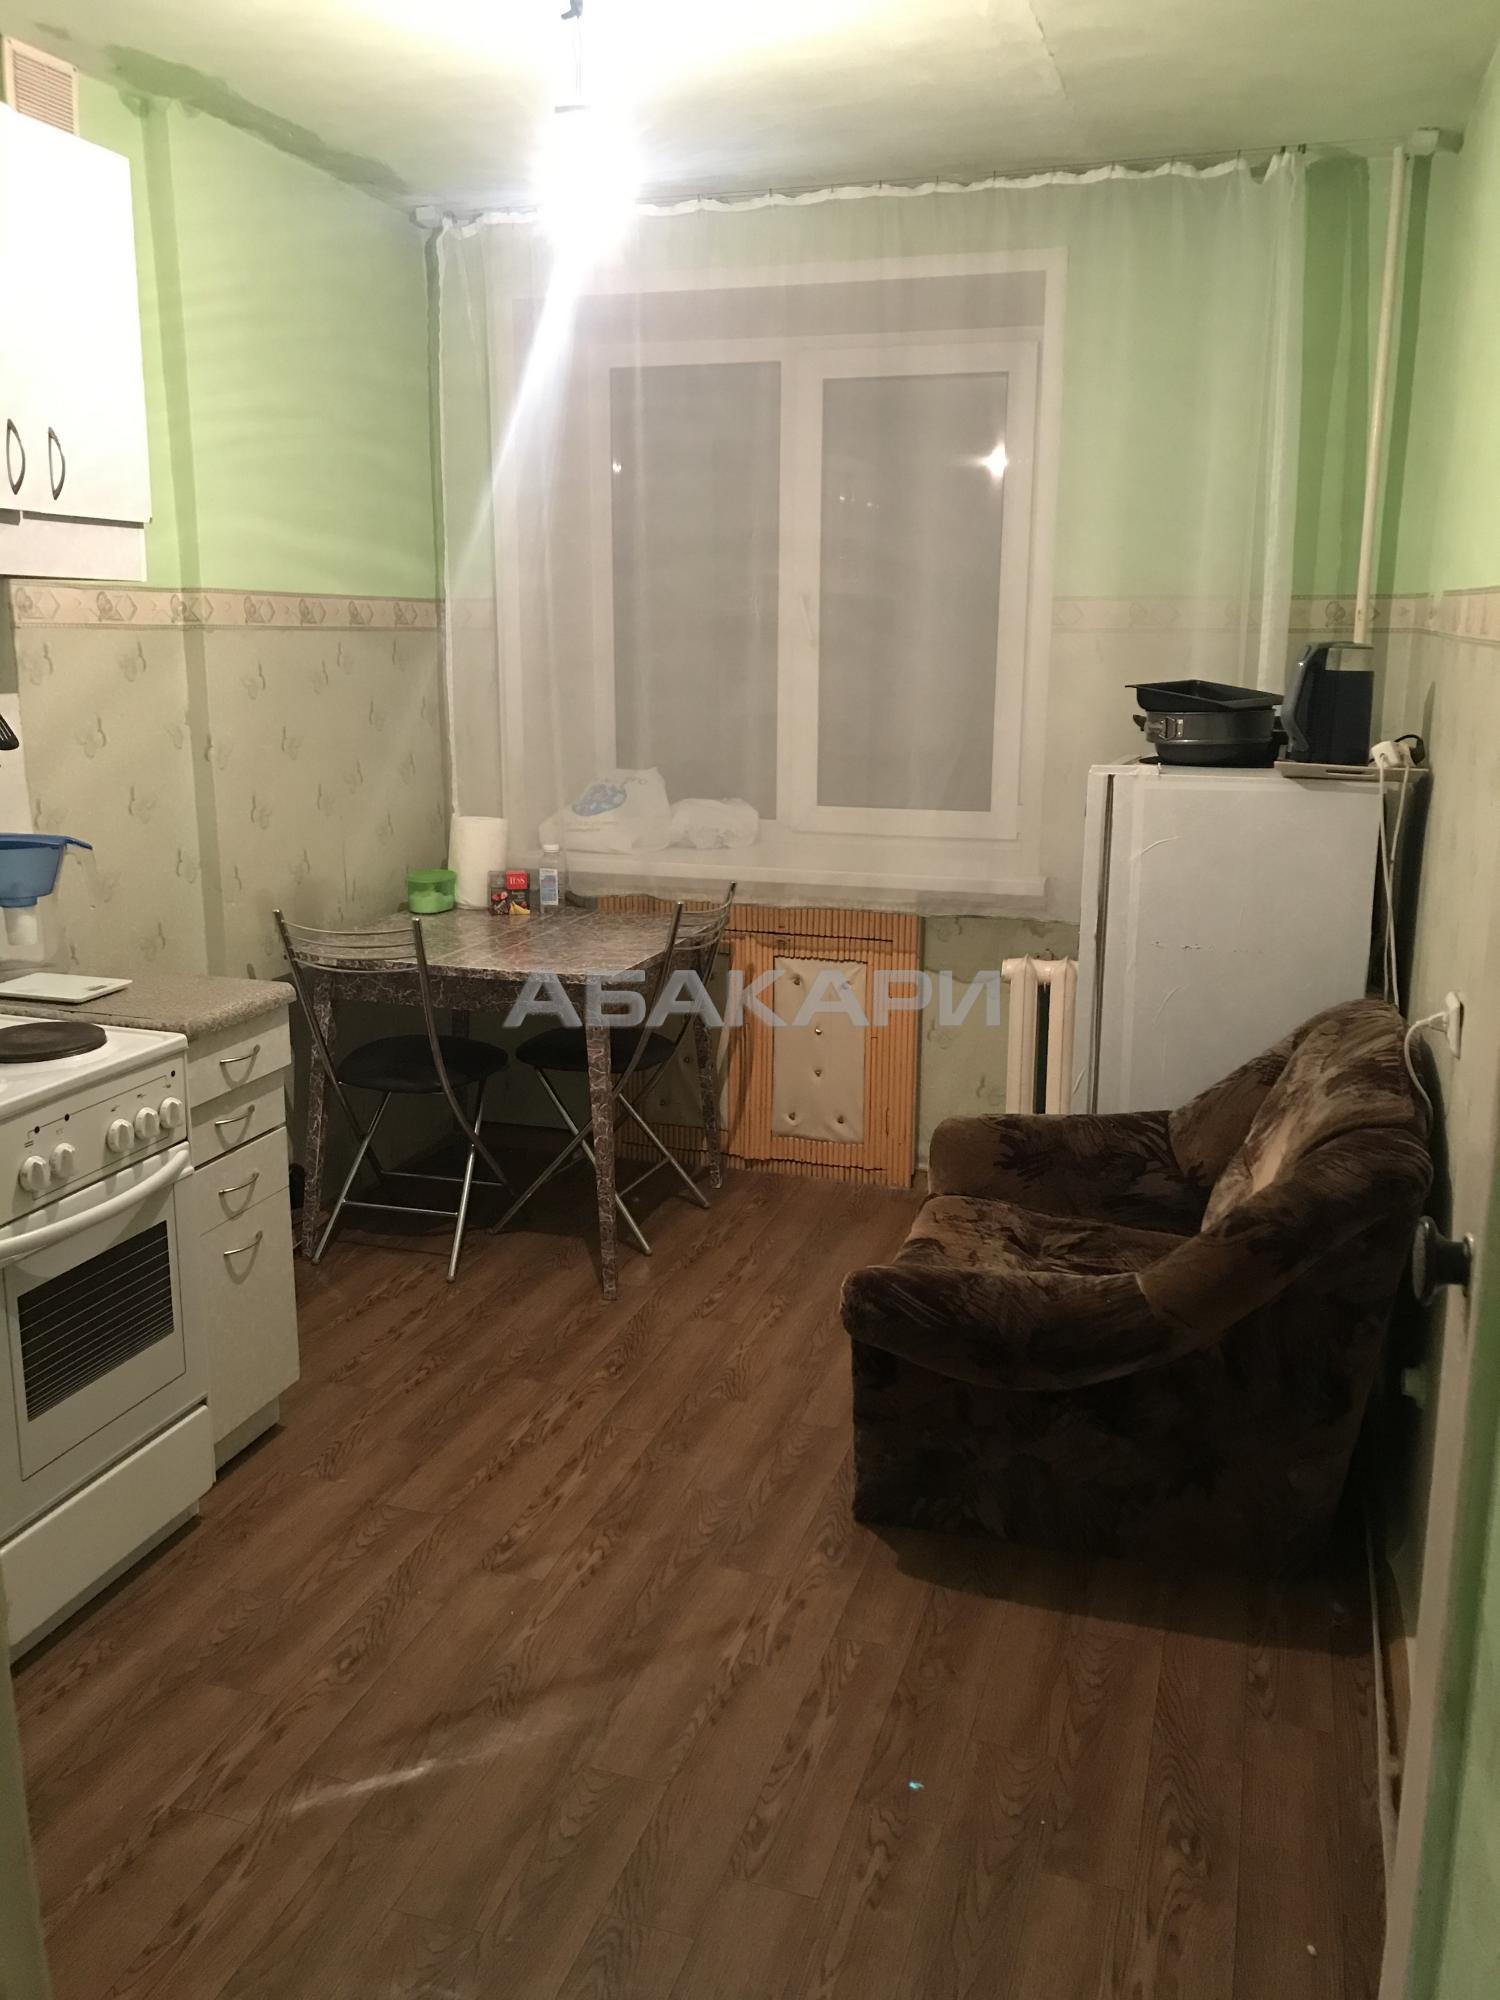 1к квартира улица Анатолия Гладкова, 14 | 14000 | аренда в Красноярске фото 3